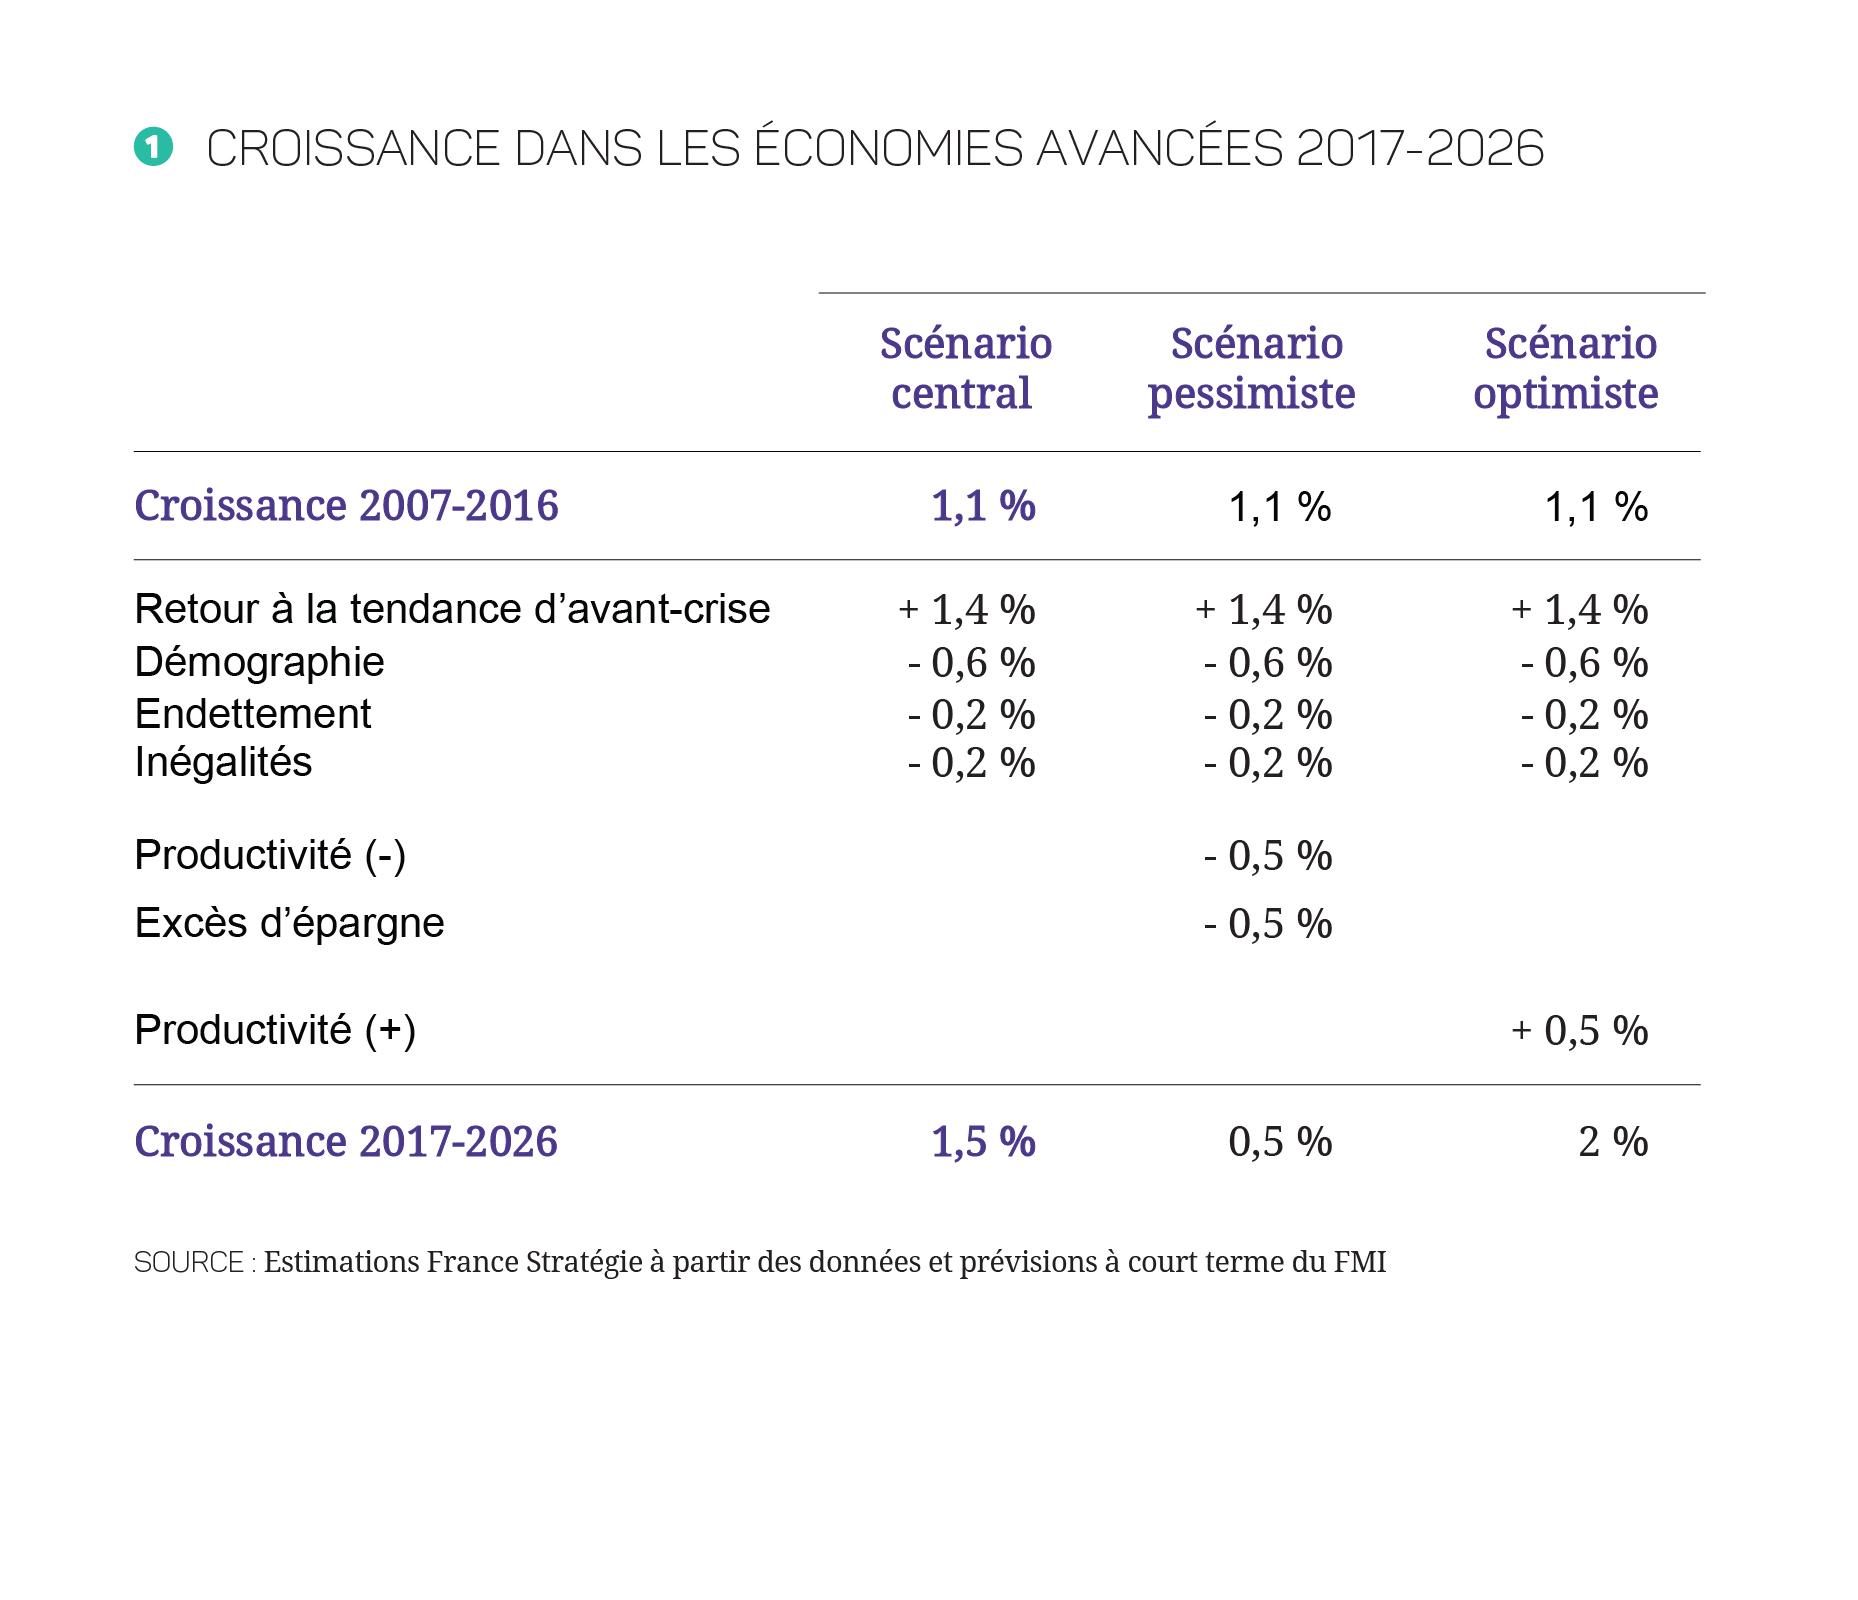 17-27-Croissance_mondiale---Annexe---Tableau_Plan-de-travail-1